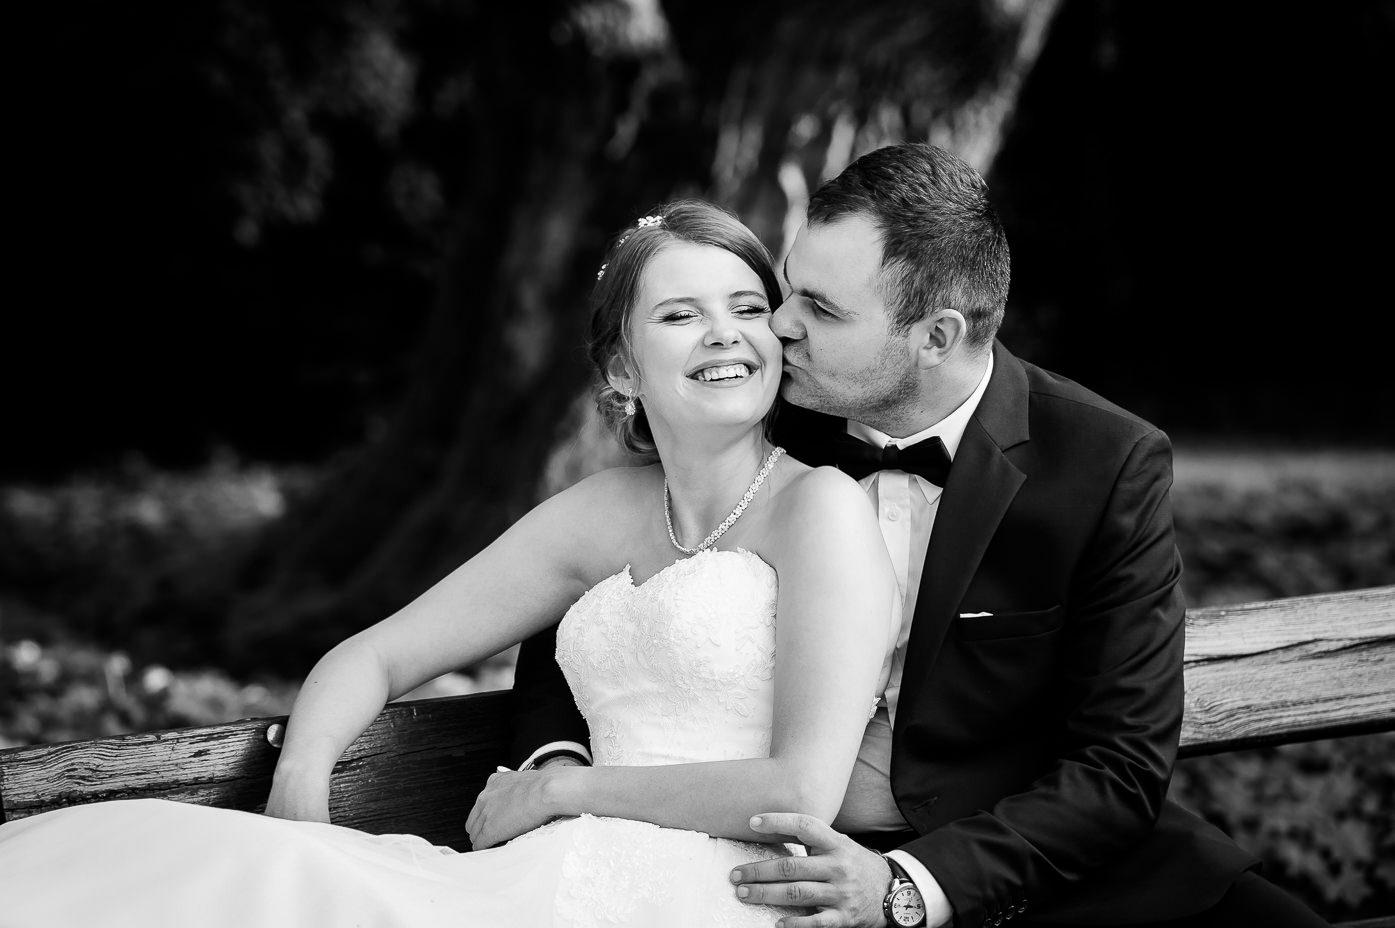 Fotograf ślubny TrójmiastoSopot Gdynia Gdynia Pomorskie - naturalne i ponadczasowe fotografie ślubne